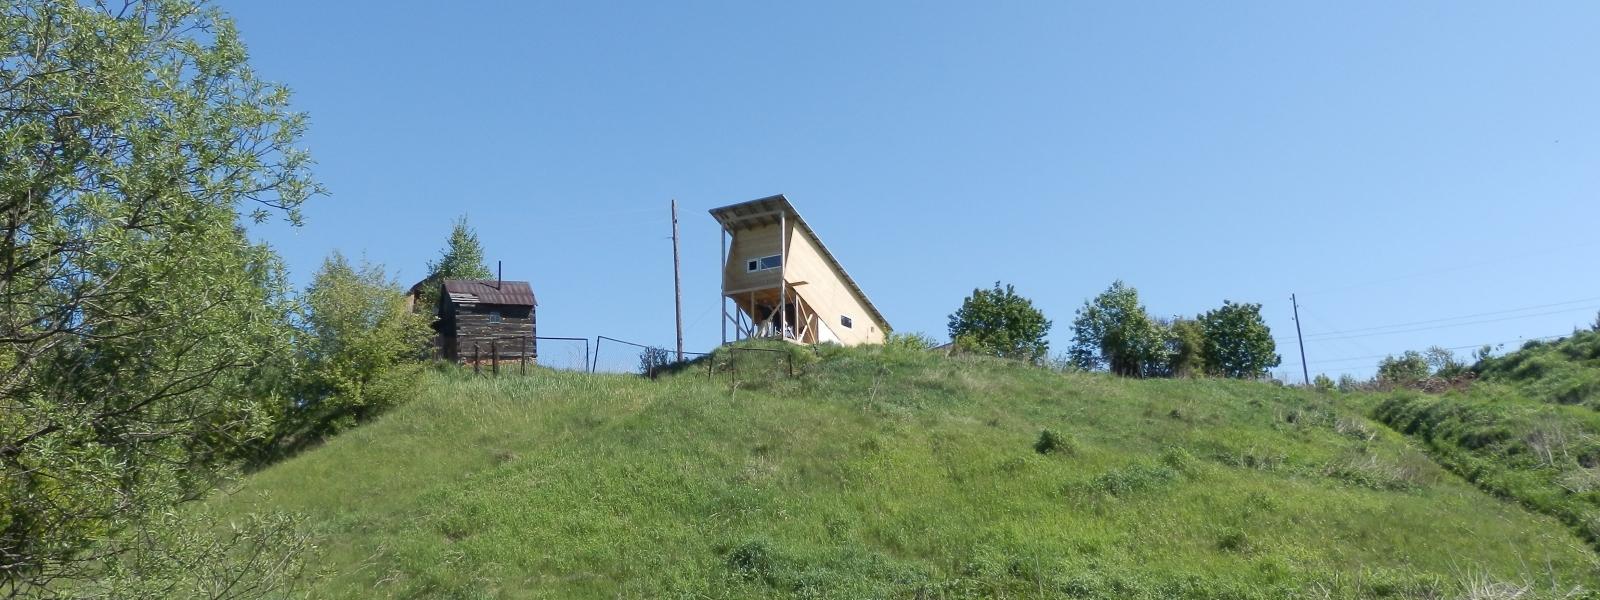 work-Летний дом для архитектора под Новосибирском